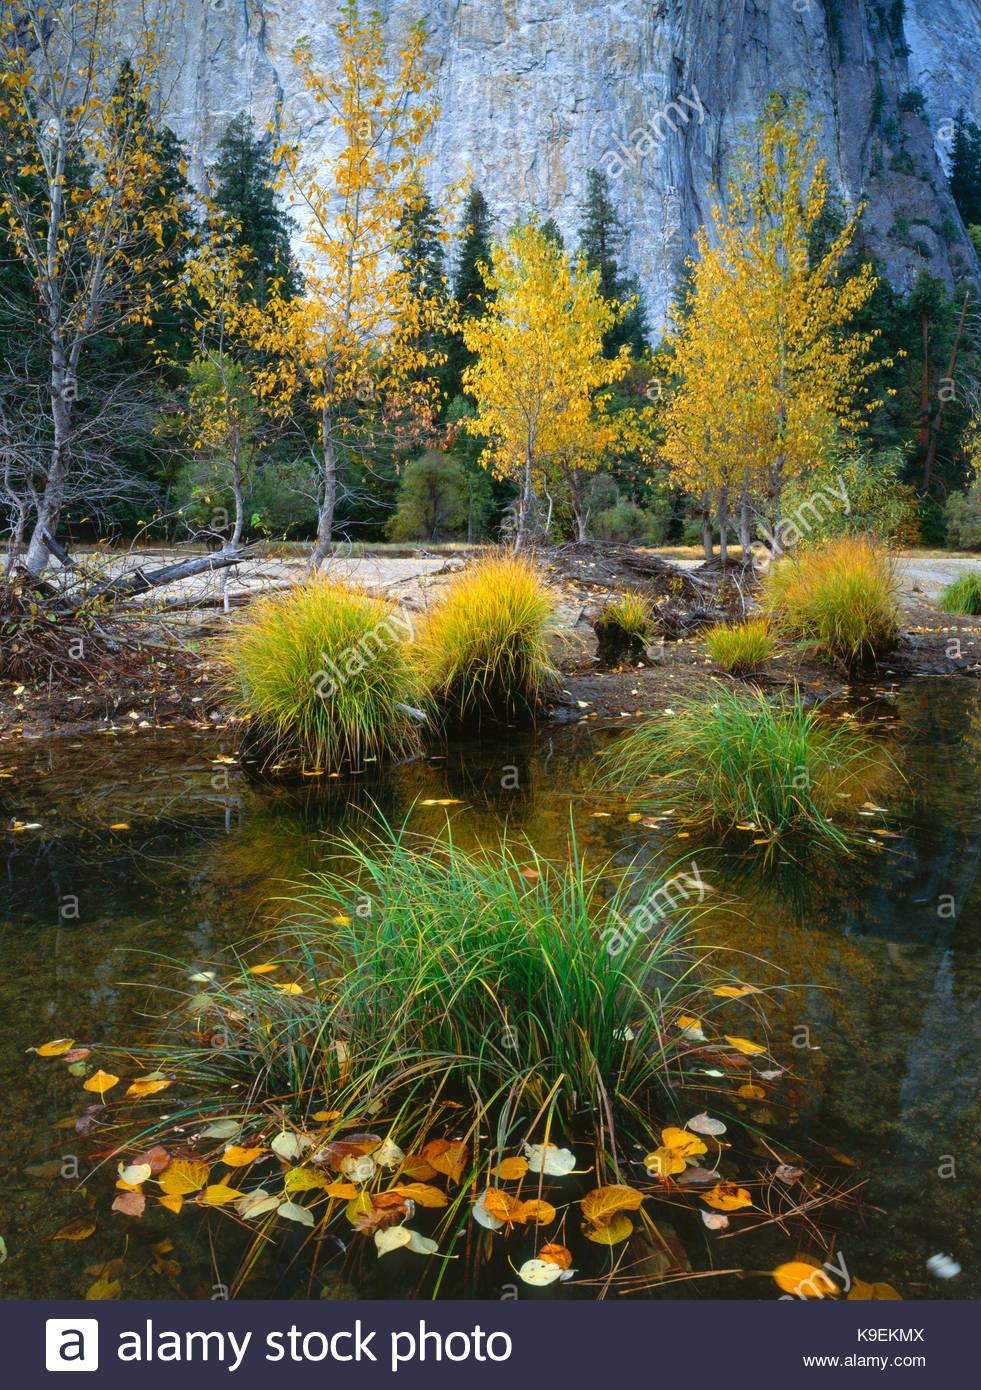 Hierbas y hojas secas en el río Merced, El Parque Nacional Yosemite, California Imagen De Stock